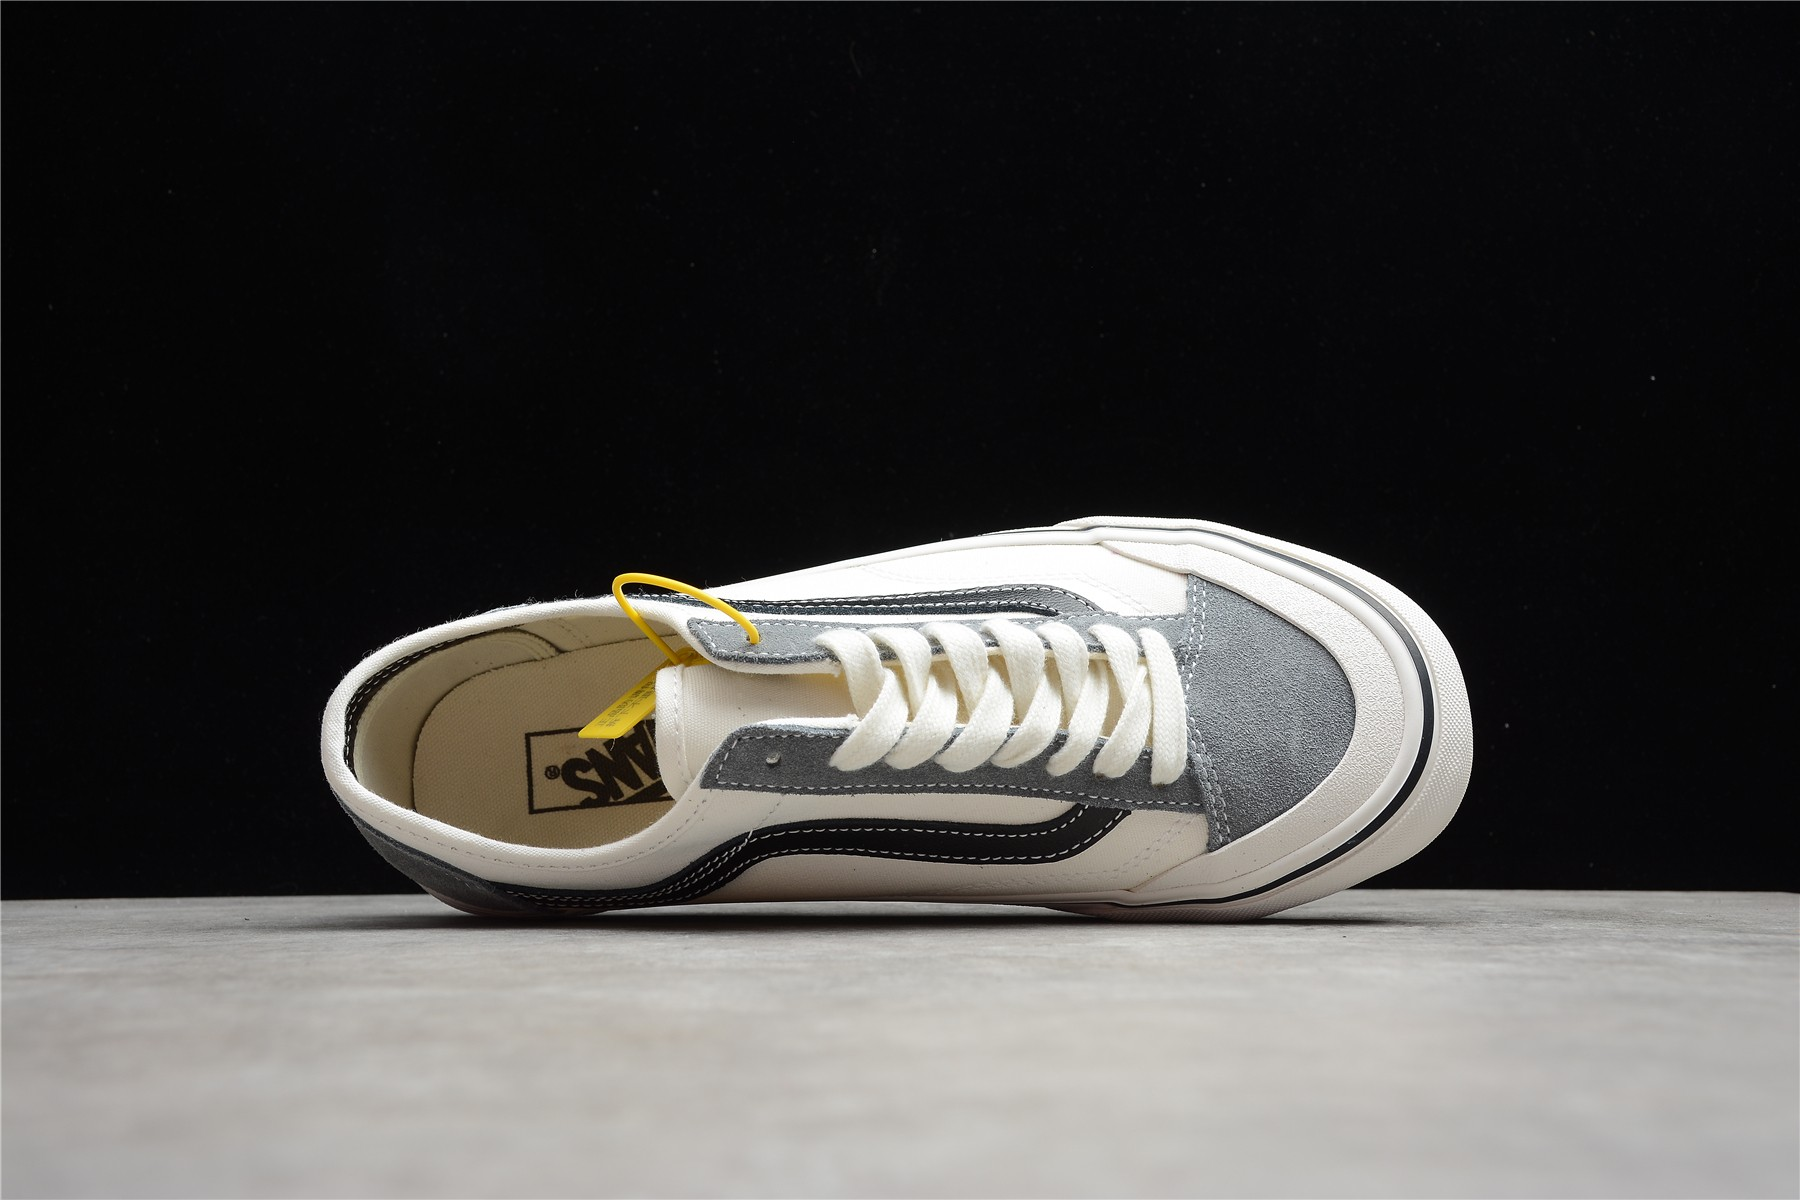 权志龙同款万斯杀人鲸白灰低帮 Vans Style 36 SF 权志龙万斯短头限定版滑板鞋 万斯校园情侣板鞋 货号:VN0A4BVAK11-潮流者之家